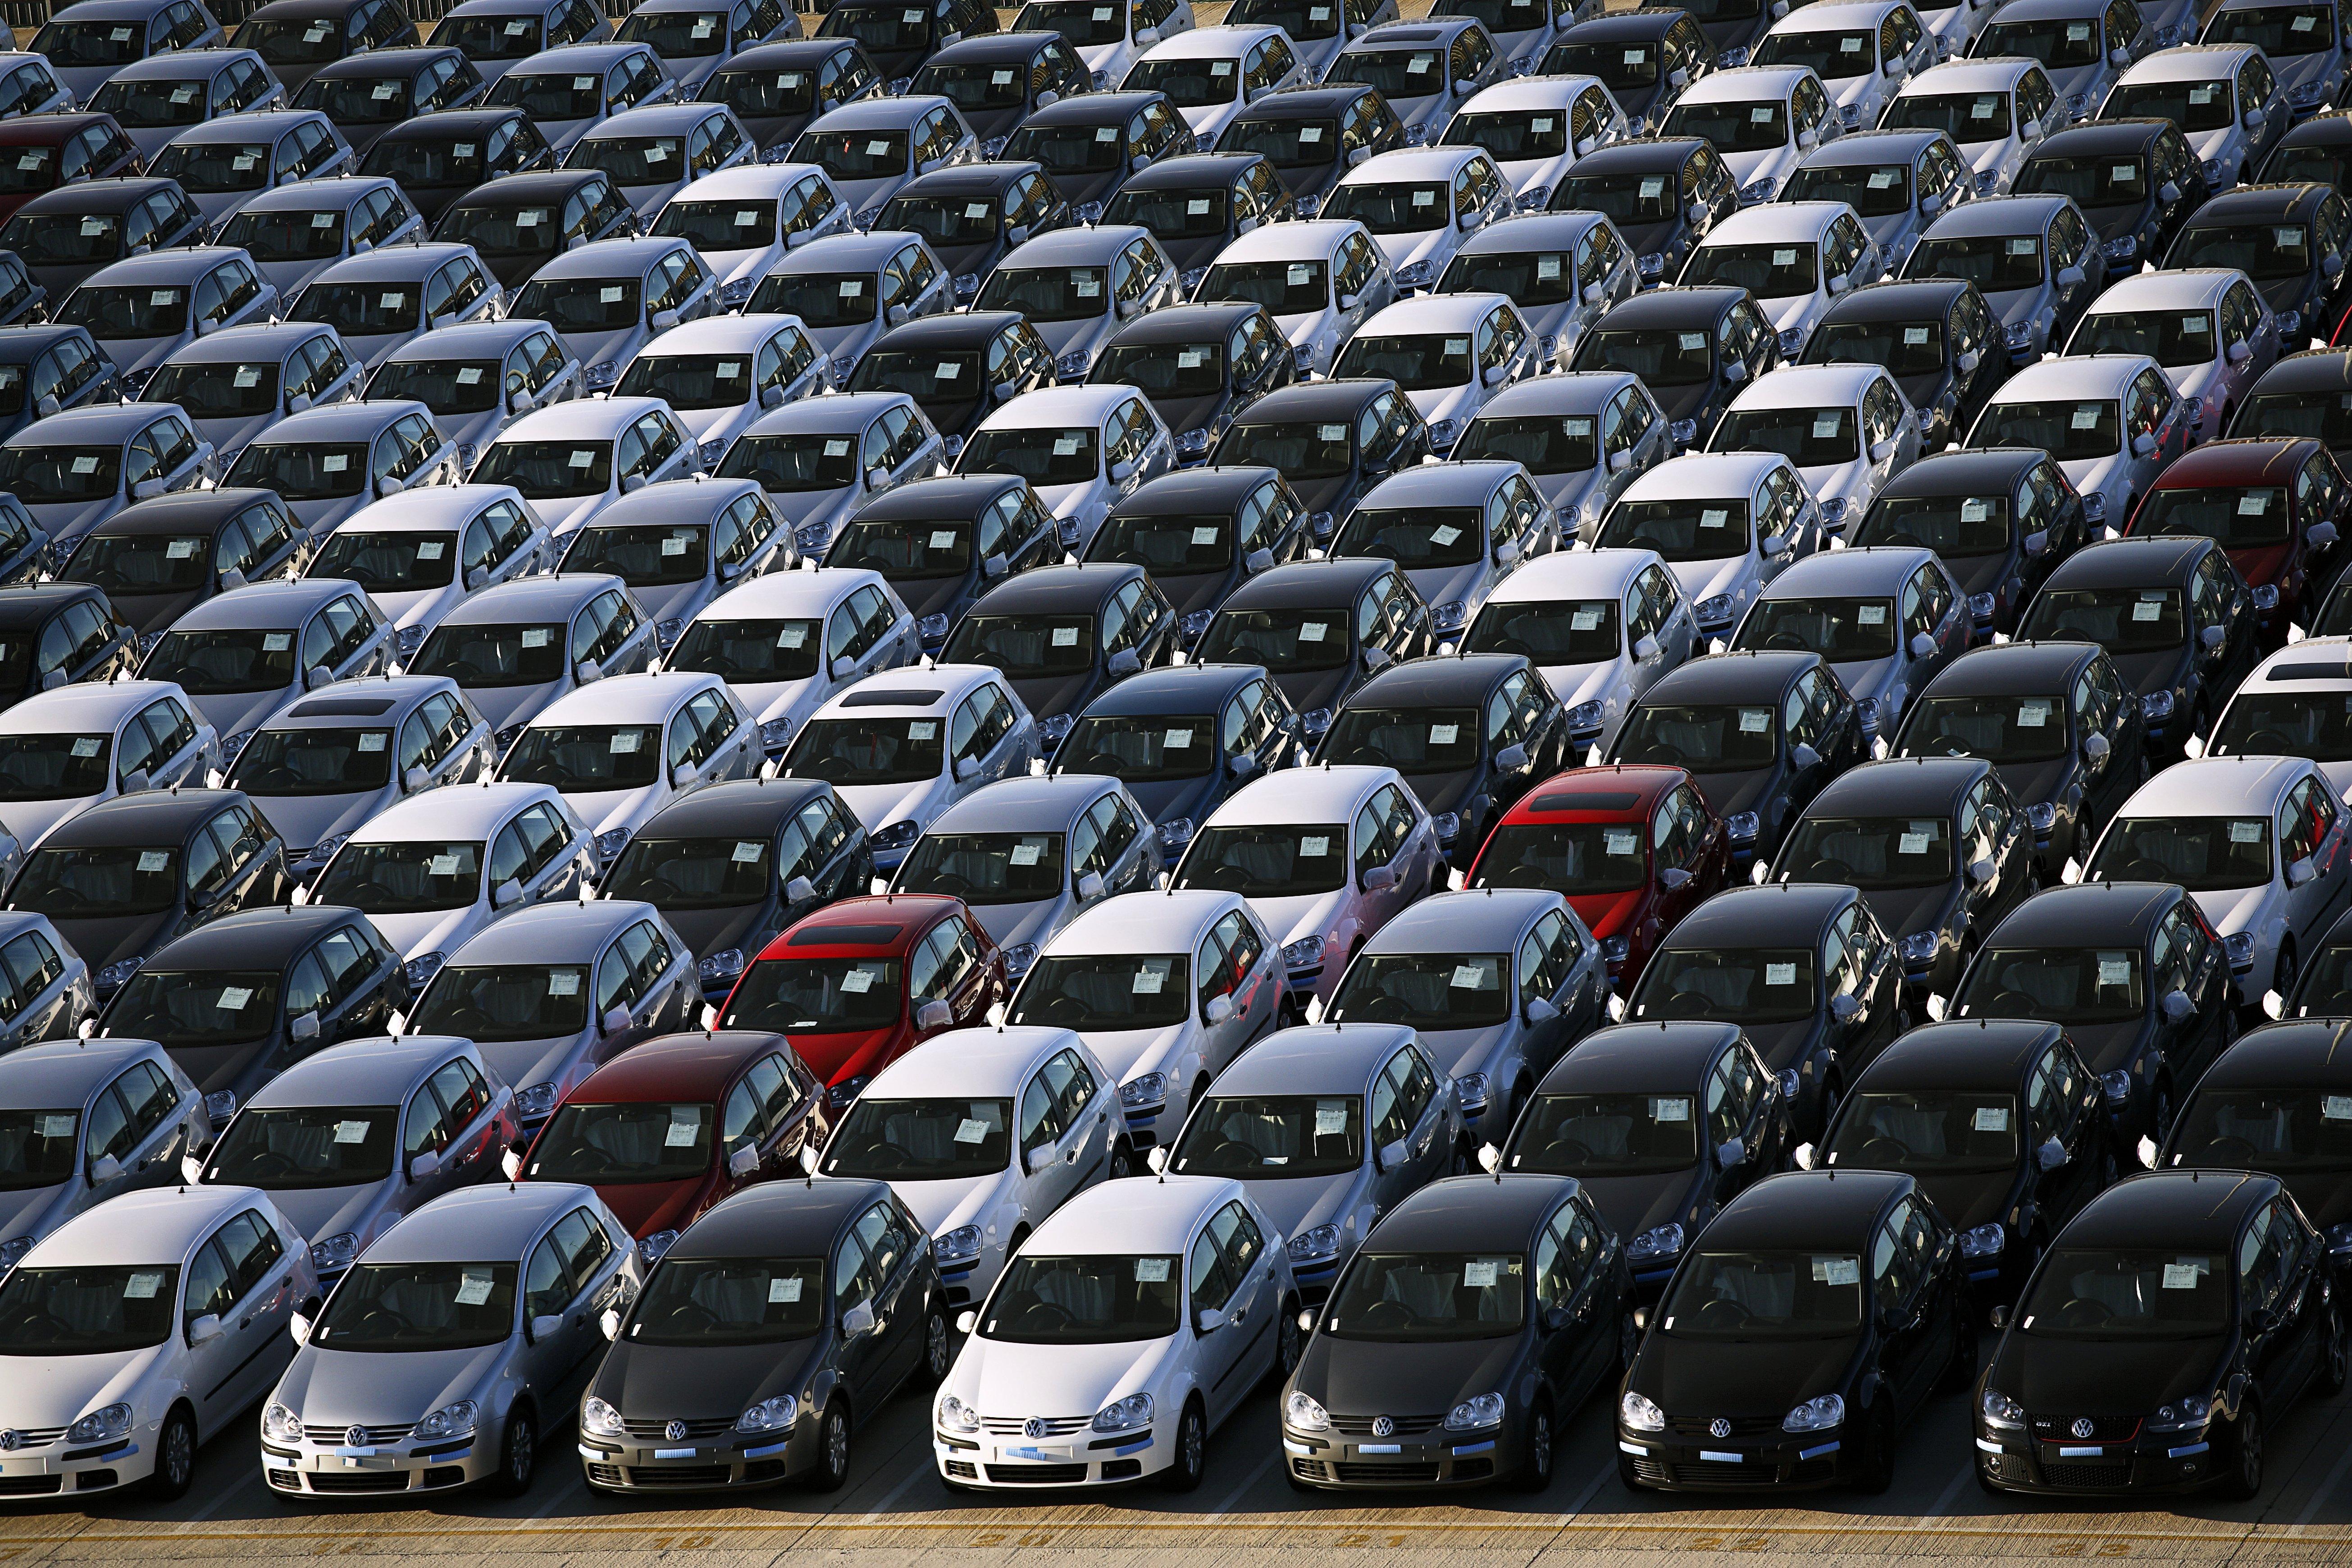 Eurocham lo thị trường ô tô không ổn định, tác động tiêu cực đến khách hàng